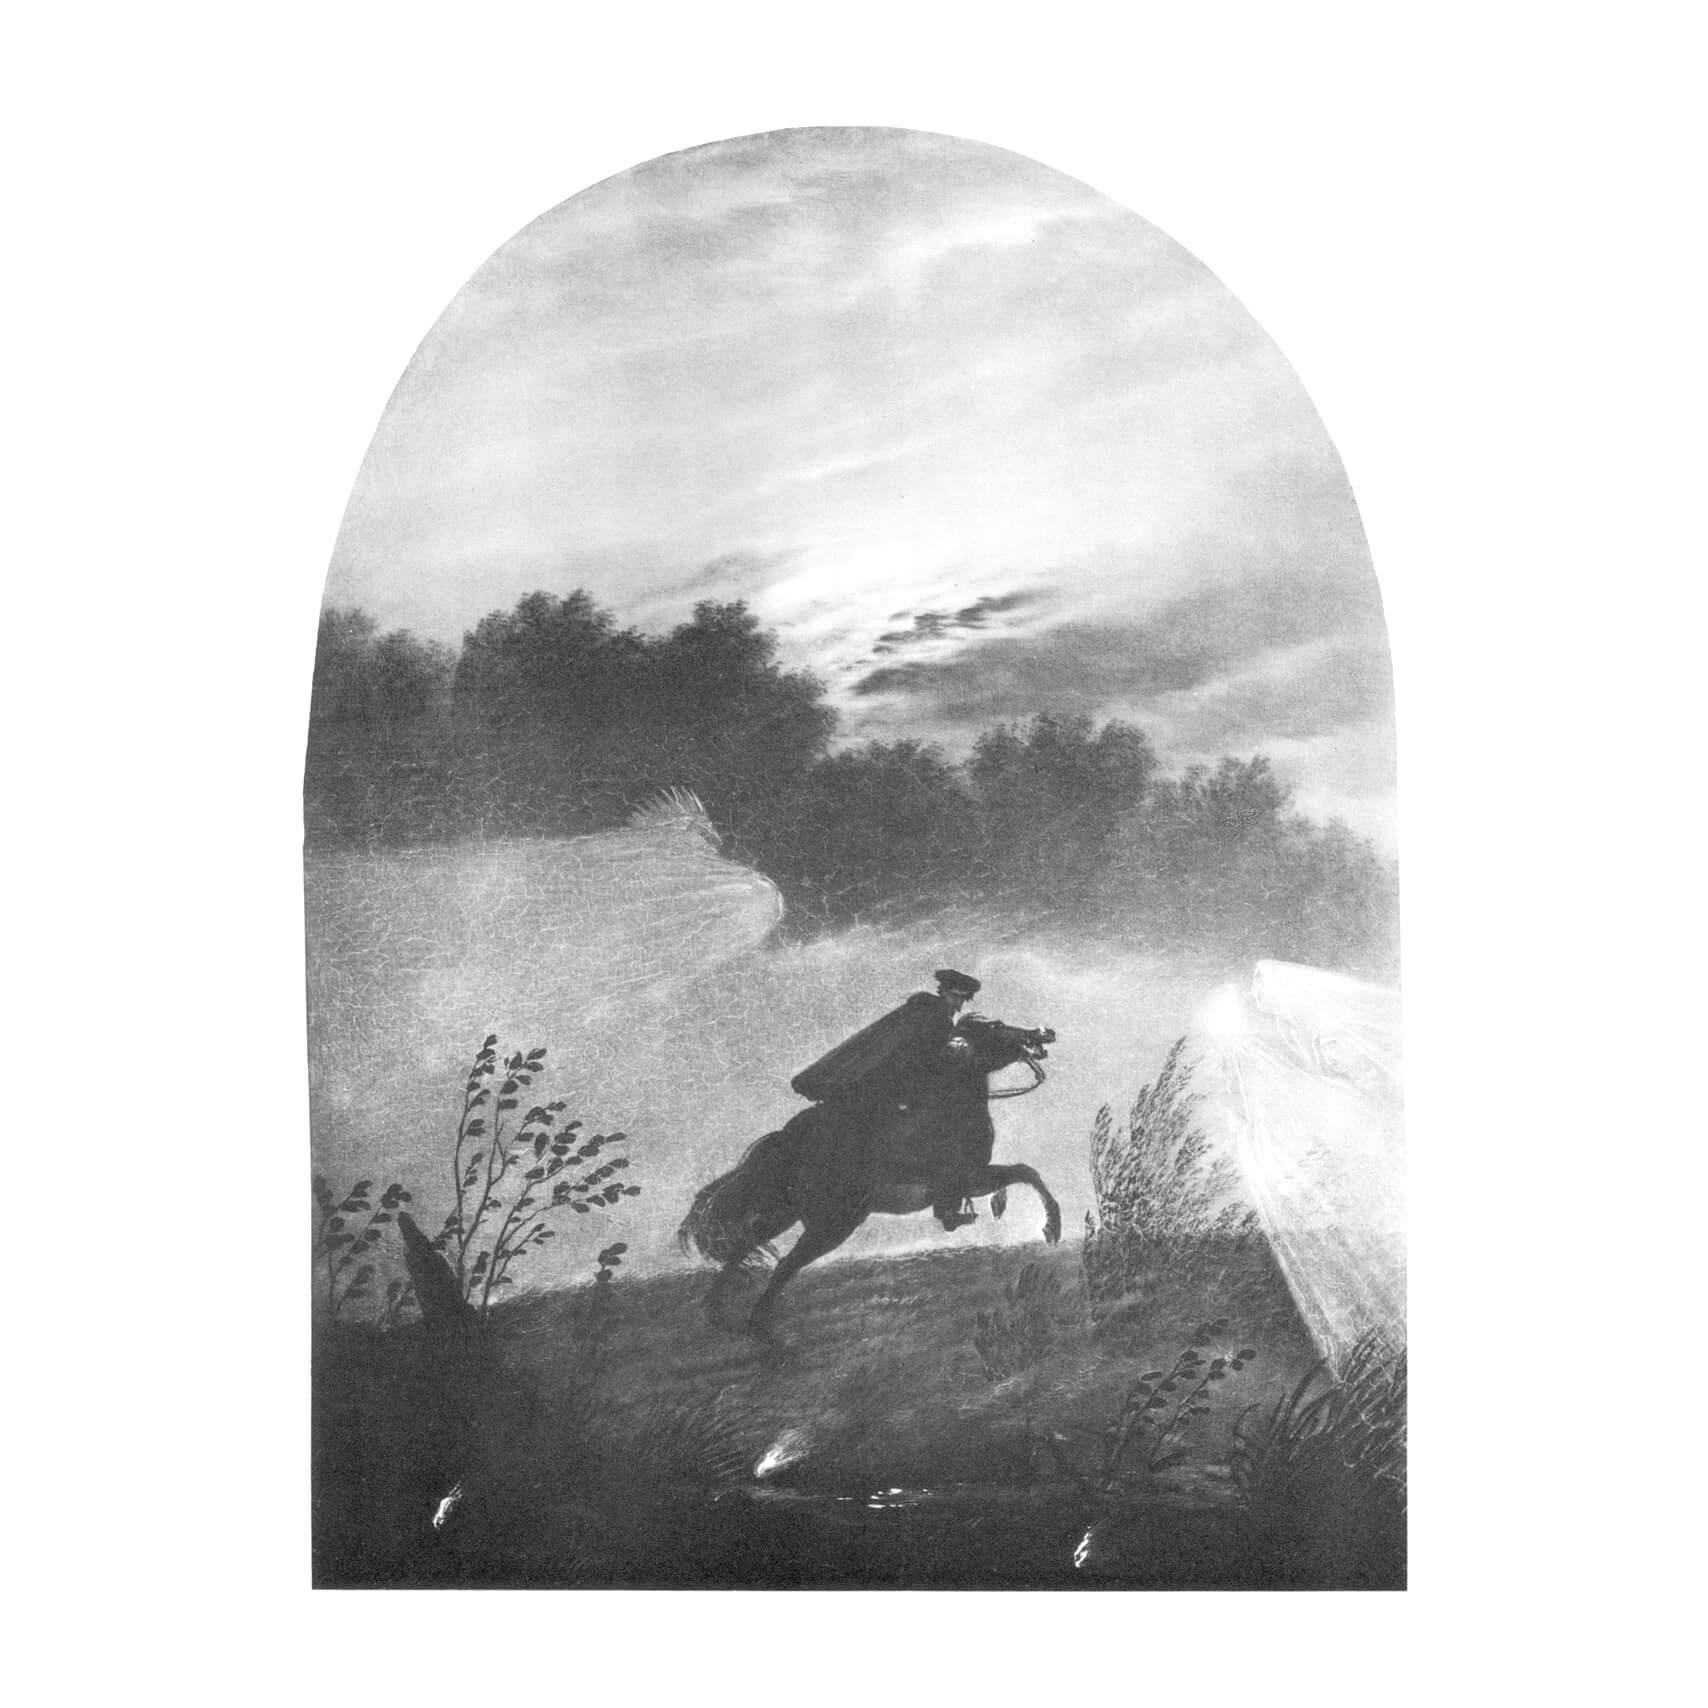 Мужчина скачет на коне, иллюстрация к балладе